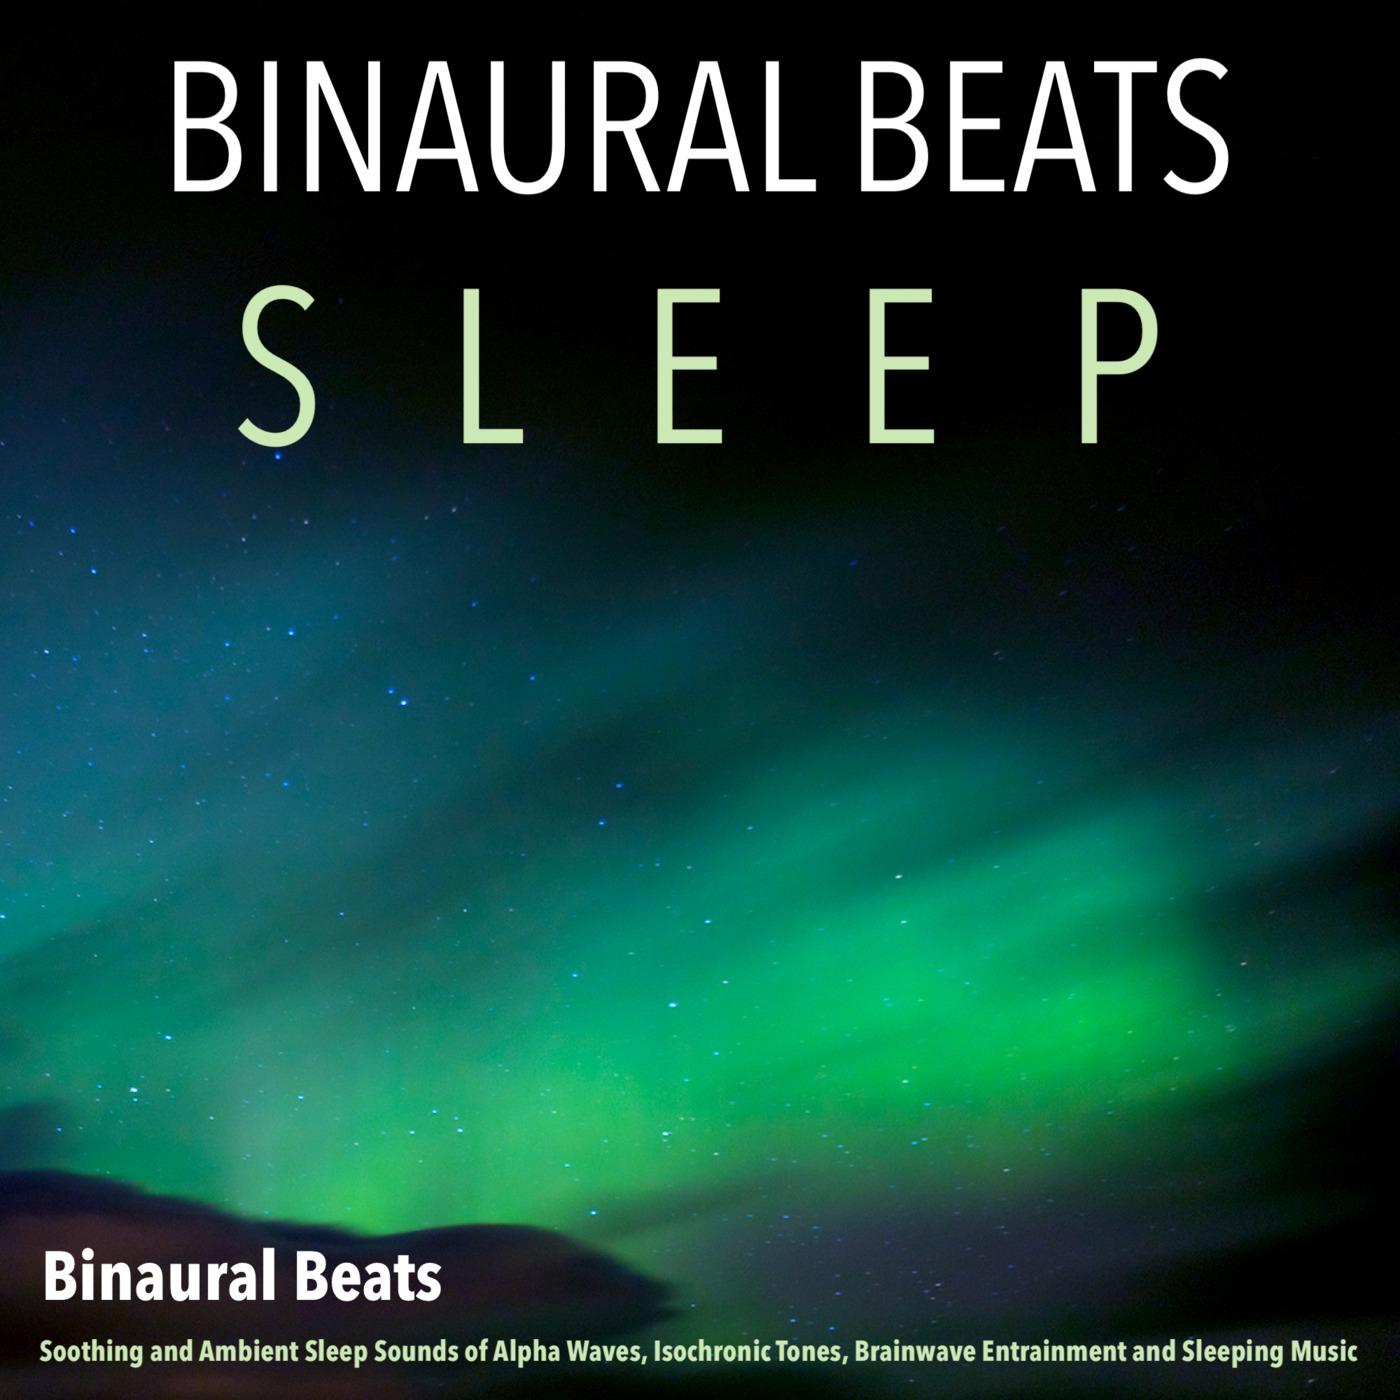 Listen Free to Binaural Beats Sleep - Sleeping Music